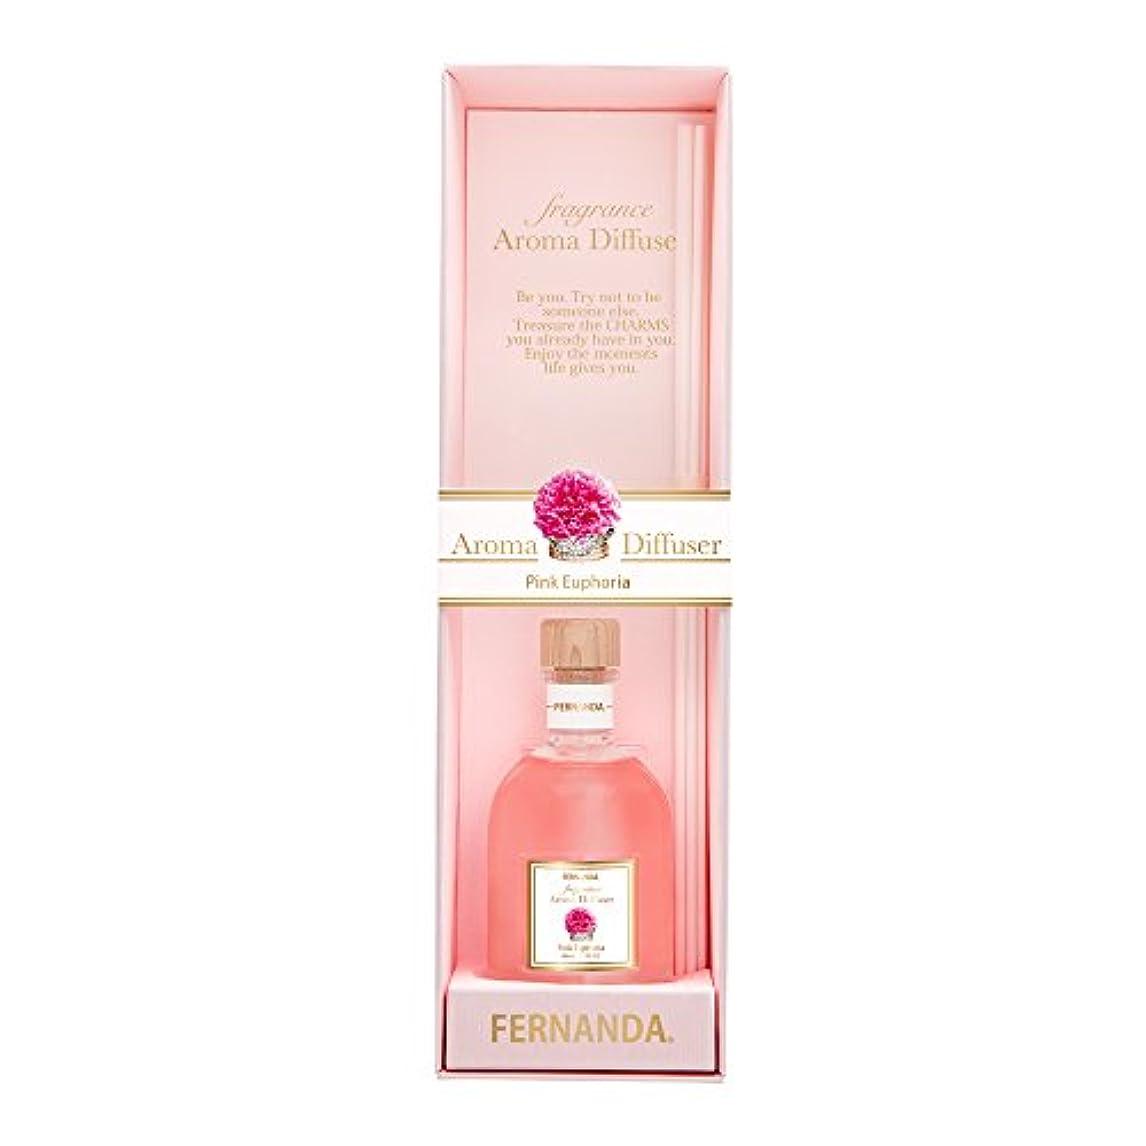 ドメインタブレットどちらかFERNANDA(フェルナンダ) Fragrance Aroma Diffuser Pink Euphoria (アロマディフューザー ピンクエウフォリア)